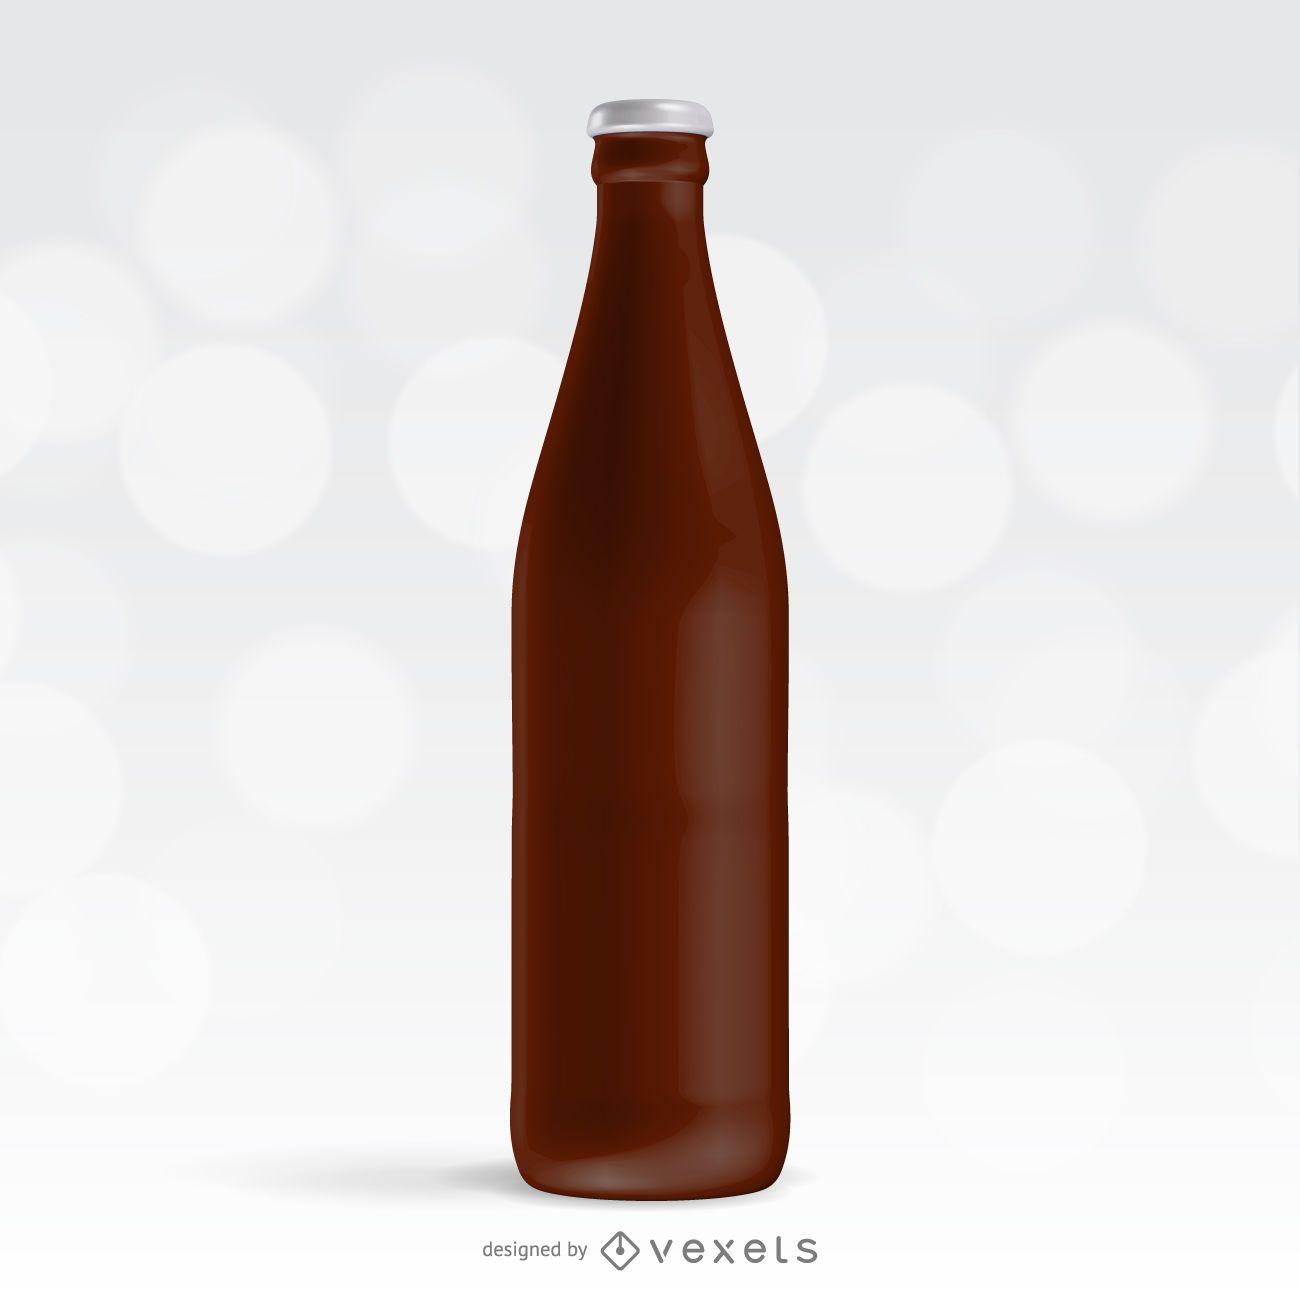 Soda bottle packaging